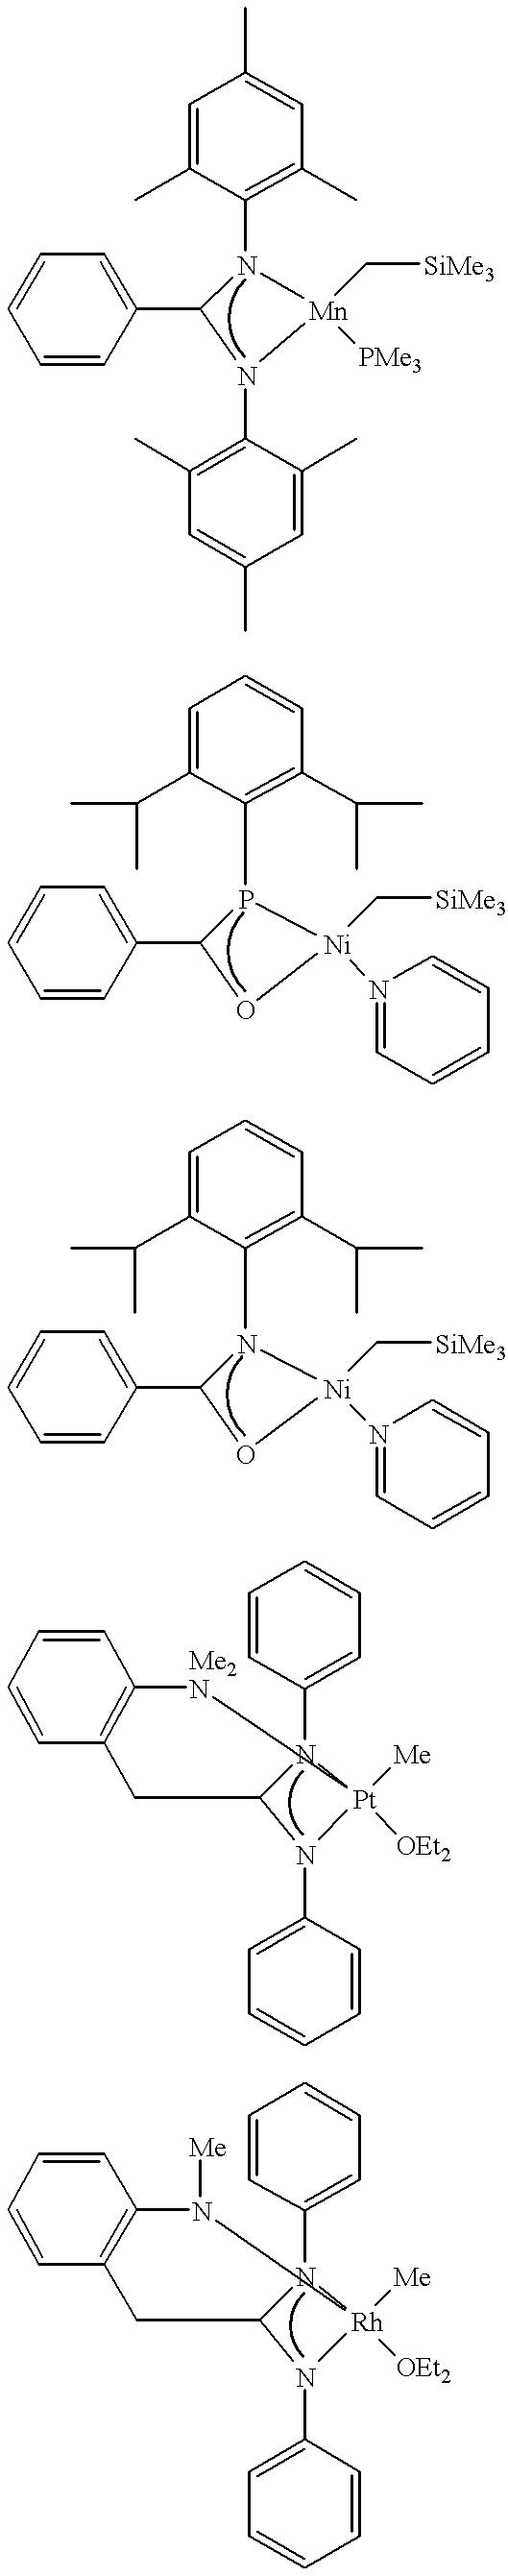 Figure US06242623-20010605-C00024